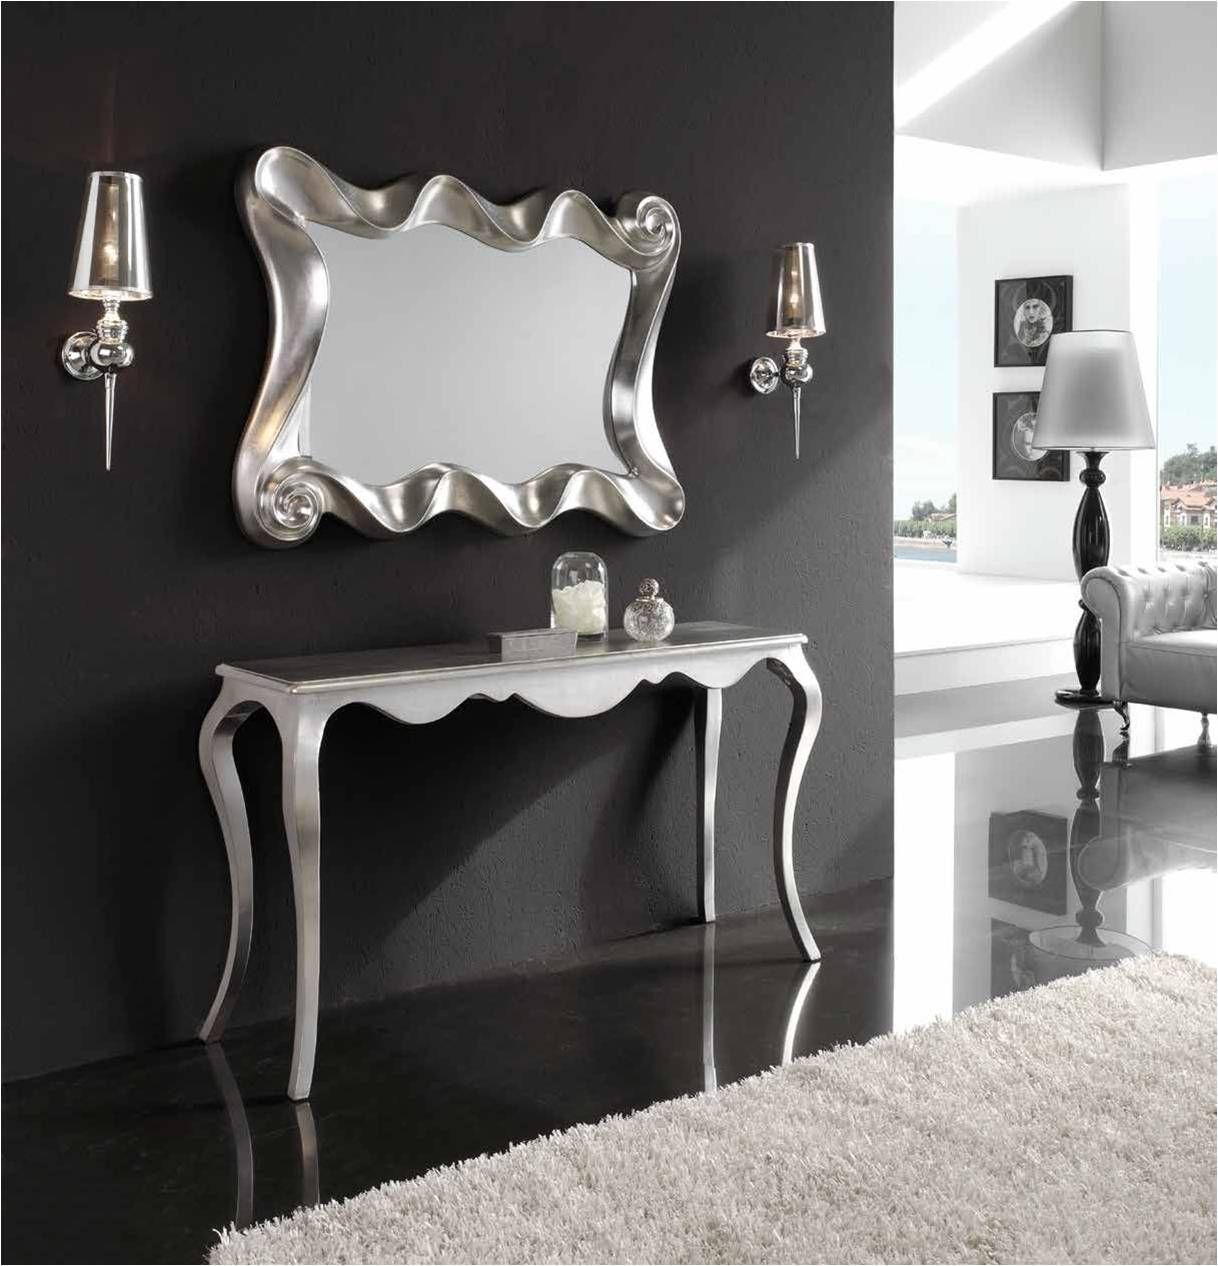 Espejo Decorativo Rectangular Acabado En Pan De Plata Se Puede  ~ Espejos Decorativos Segunda Mano